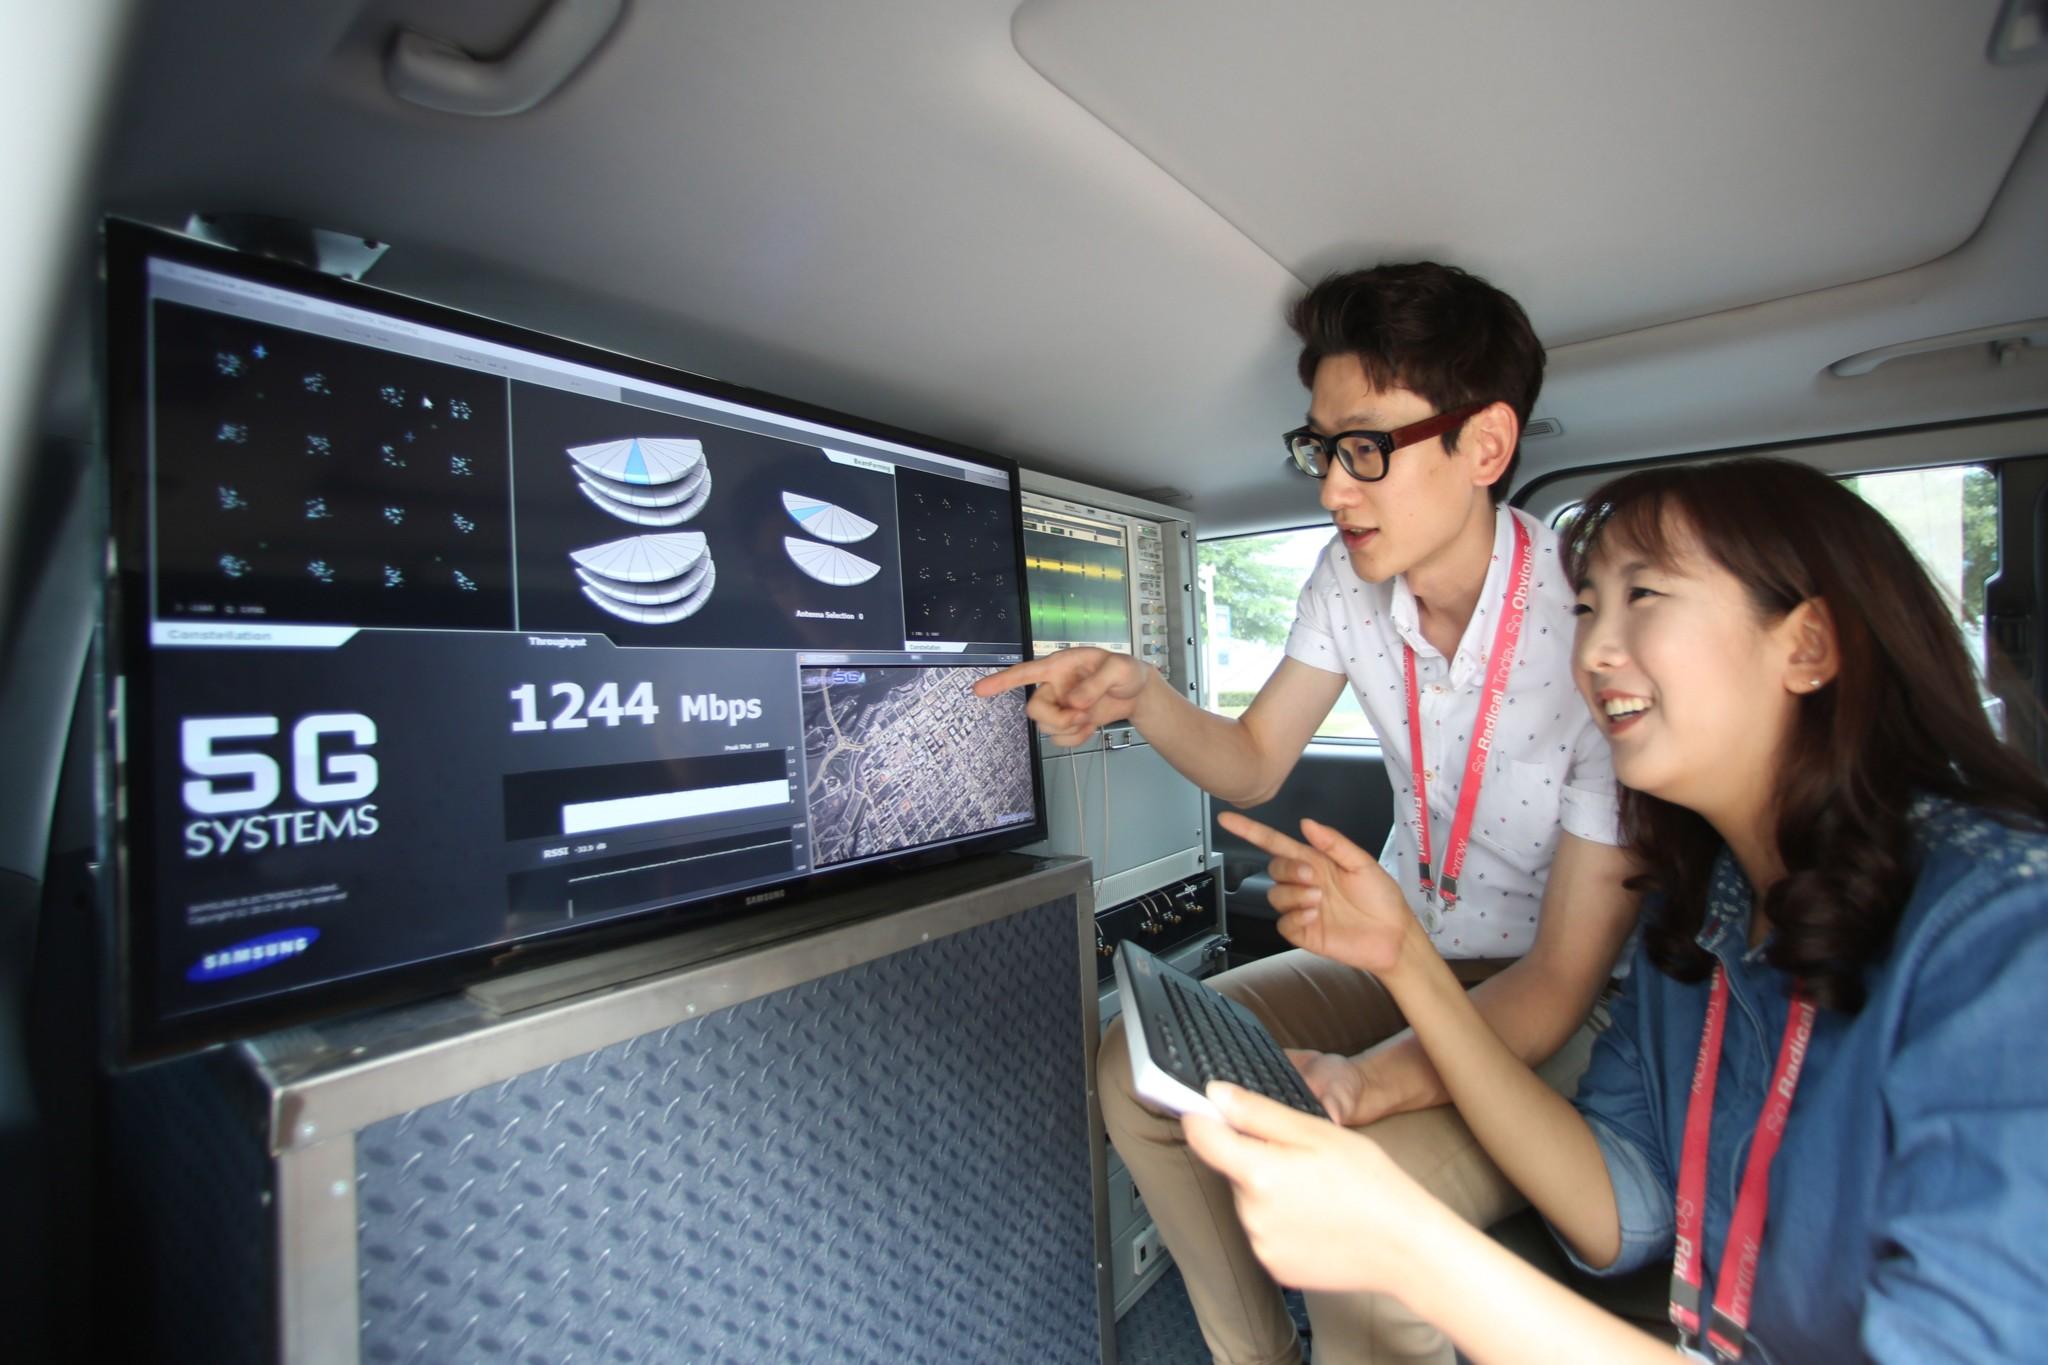 5G sítě – Samsung dosáhl na rychlost 7,5 Gbps